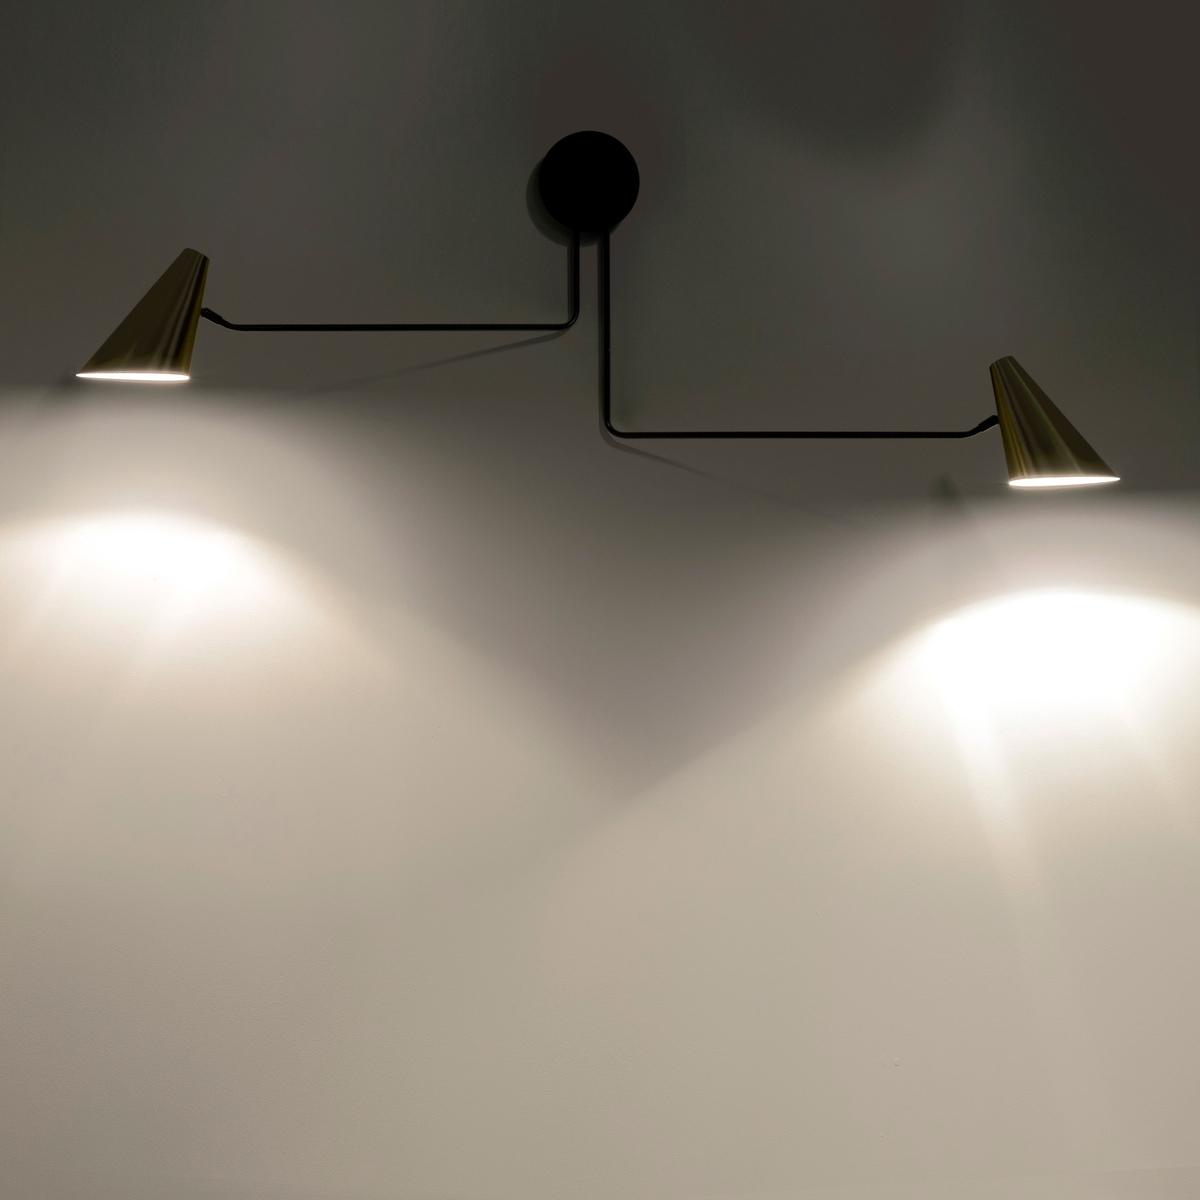 Светильник двойной, Bar?aСветильник двойной с регулируемой лапкой .Характеристики :- Каркас из сали.- Абажур из латуни.- Патрон E27.-  Лампочка макс 40 Вт, не входит в комплект . - Этот светильник совместим с лампочками    энергетического класса   ABCDE .Размеры :- Дл.152,5 x Выс.39,7 x Гл.14,1 см .<br><br>Цвет: латунь<br>Размер: единый размер